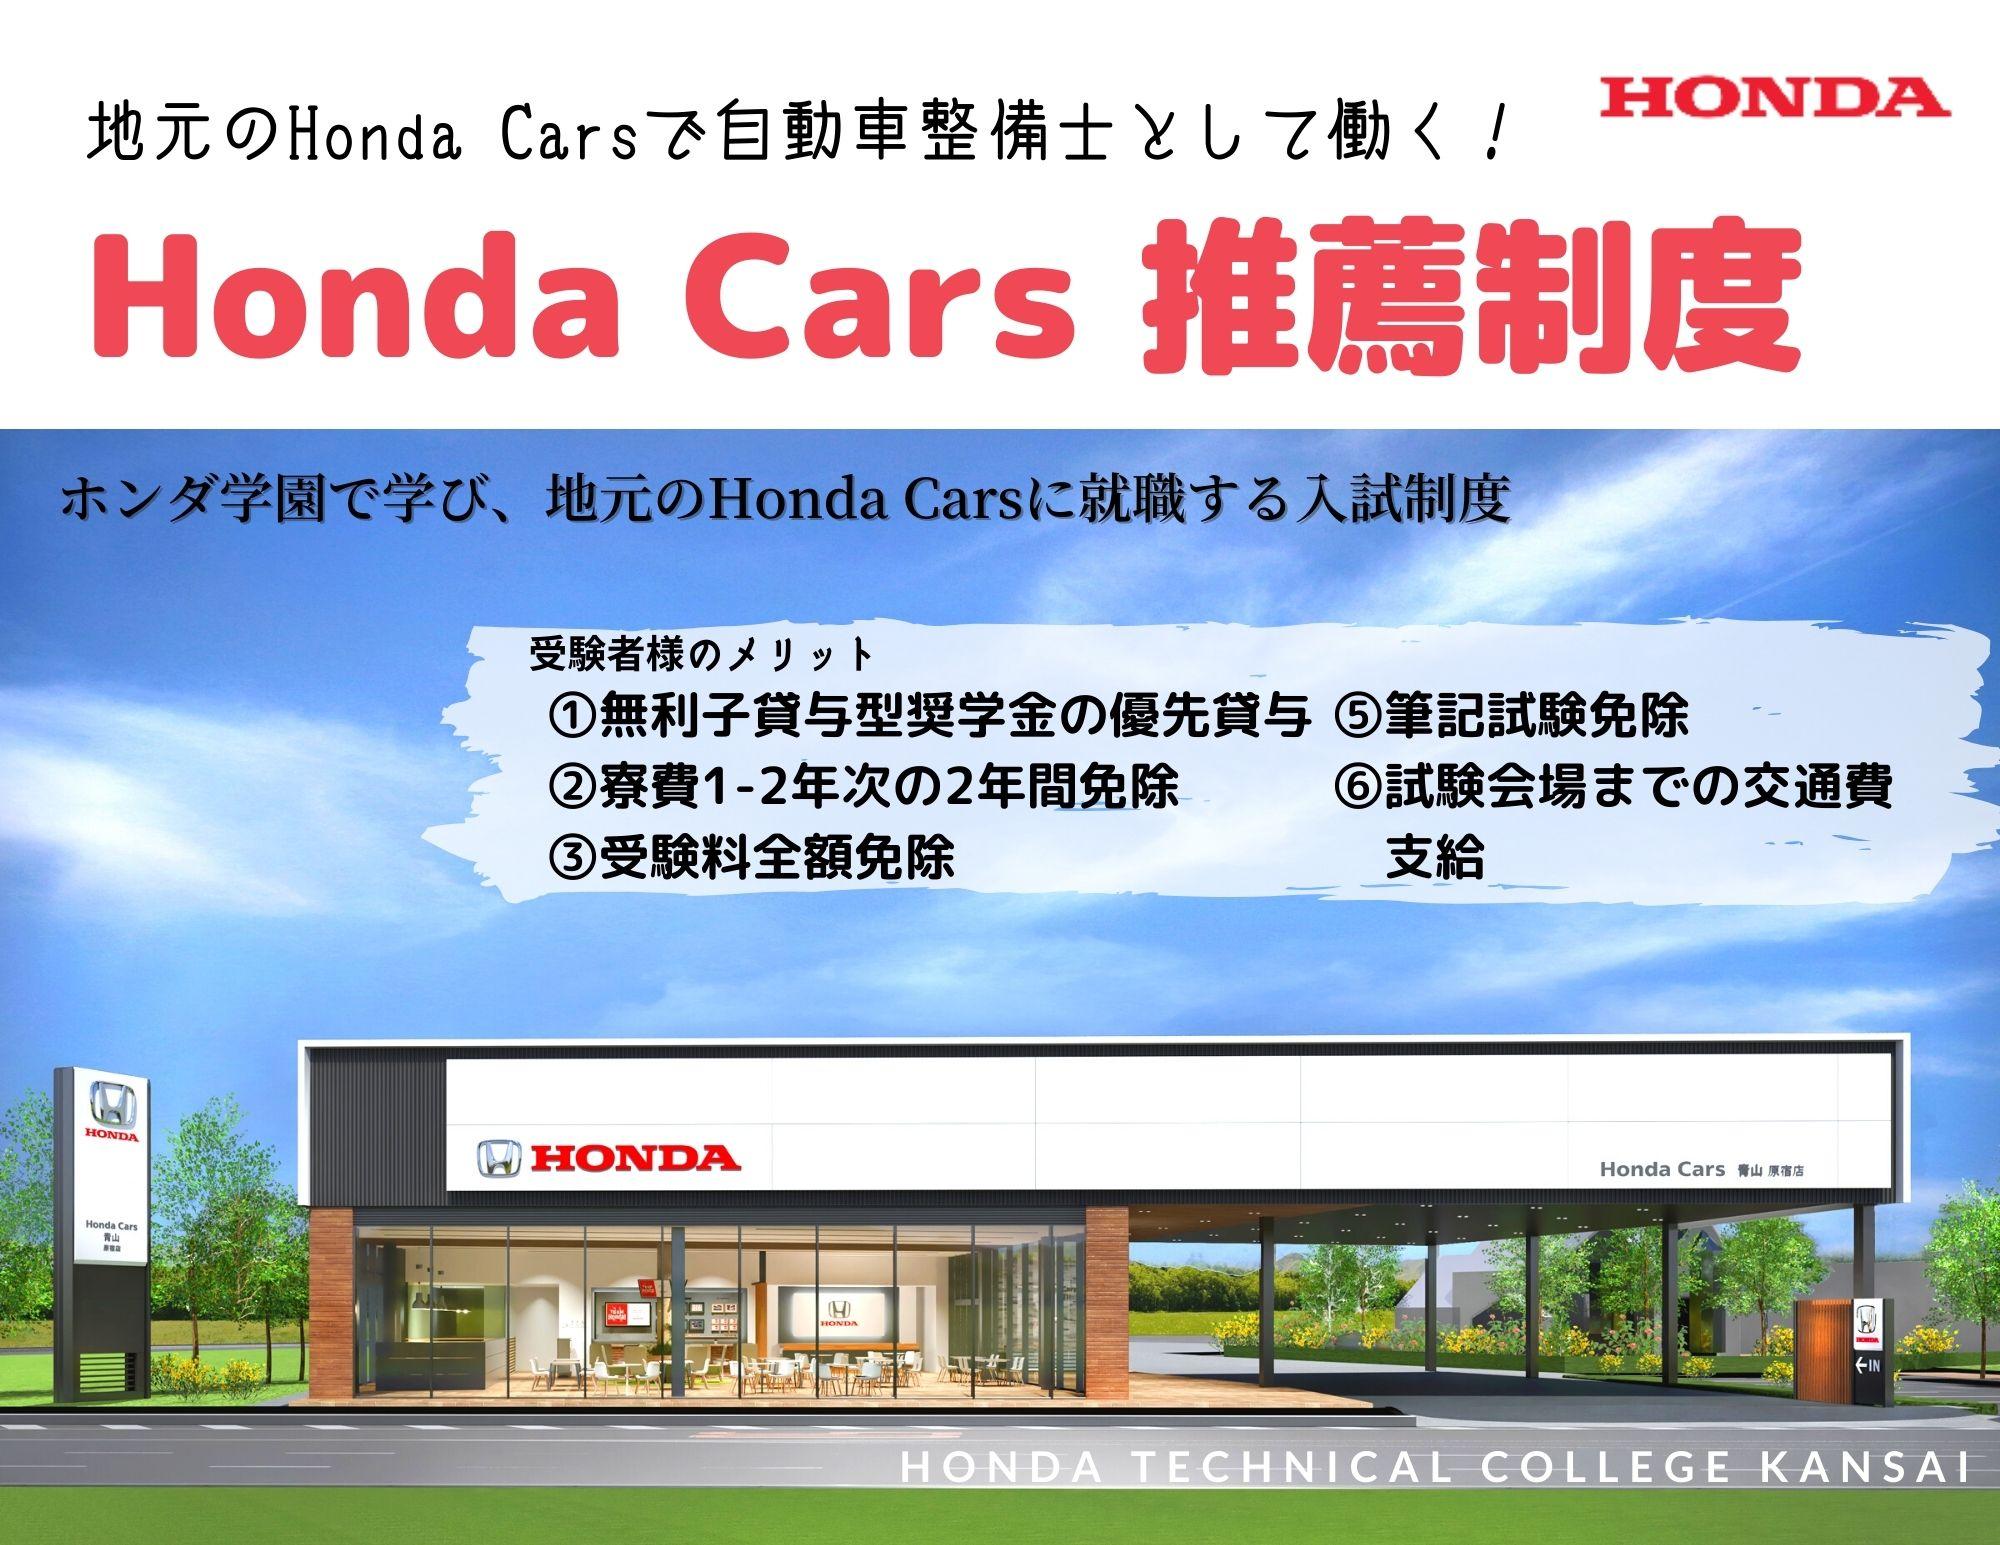 ホンダ学園で学び、地元のHonda Carsで働く